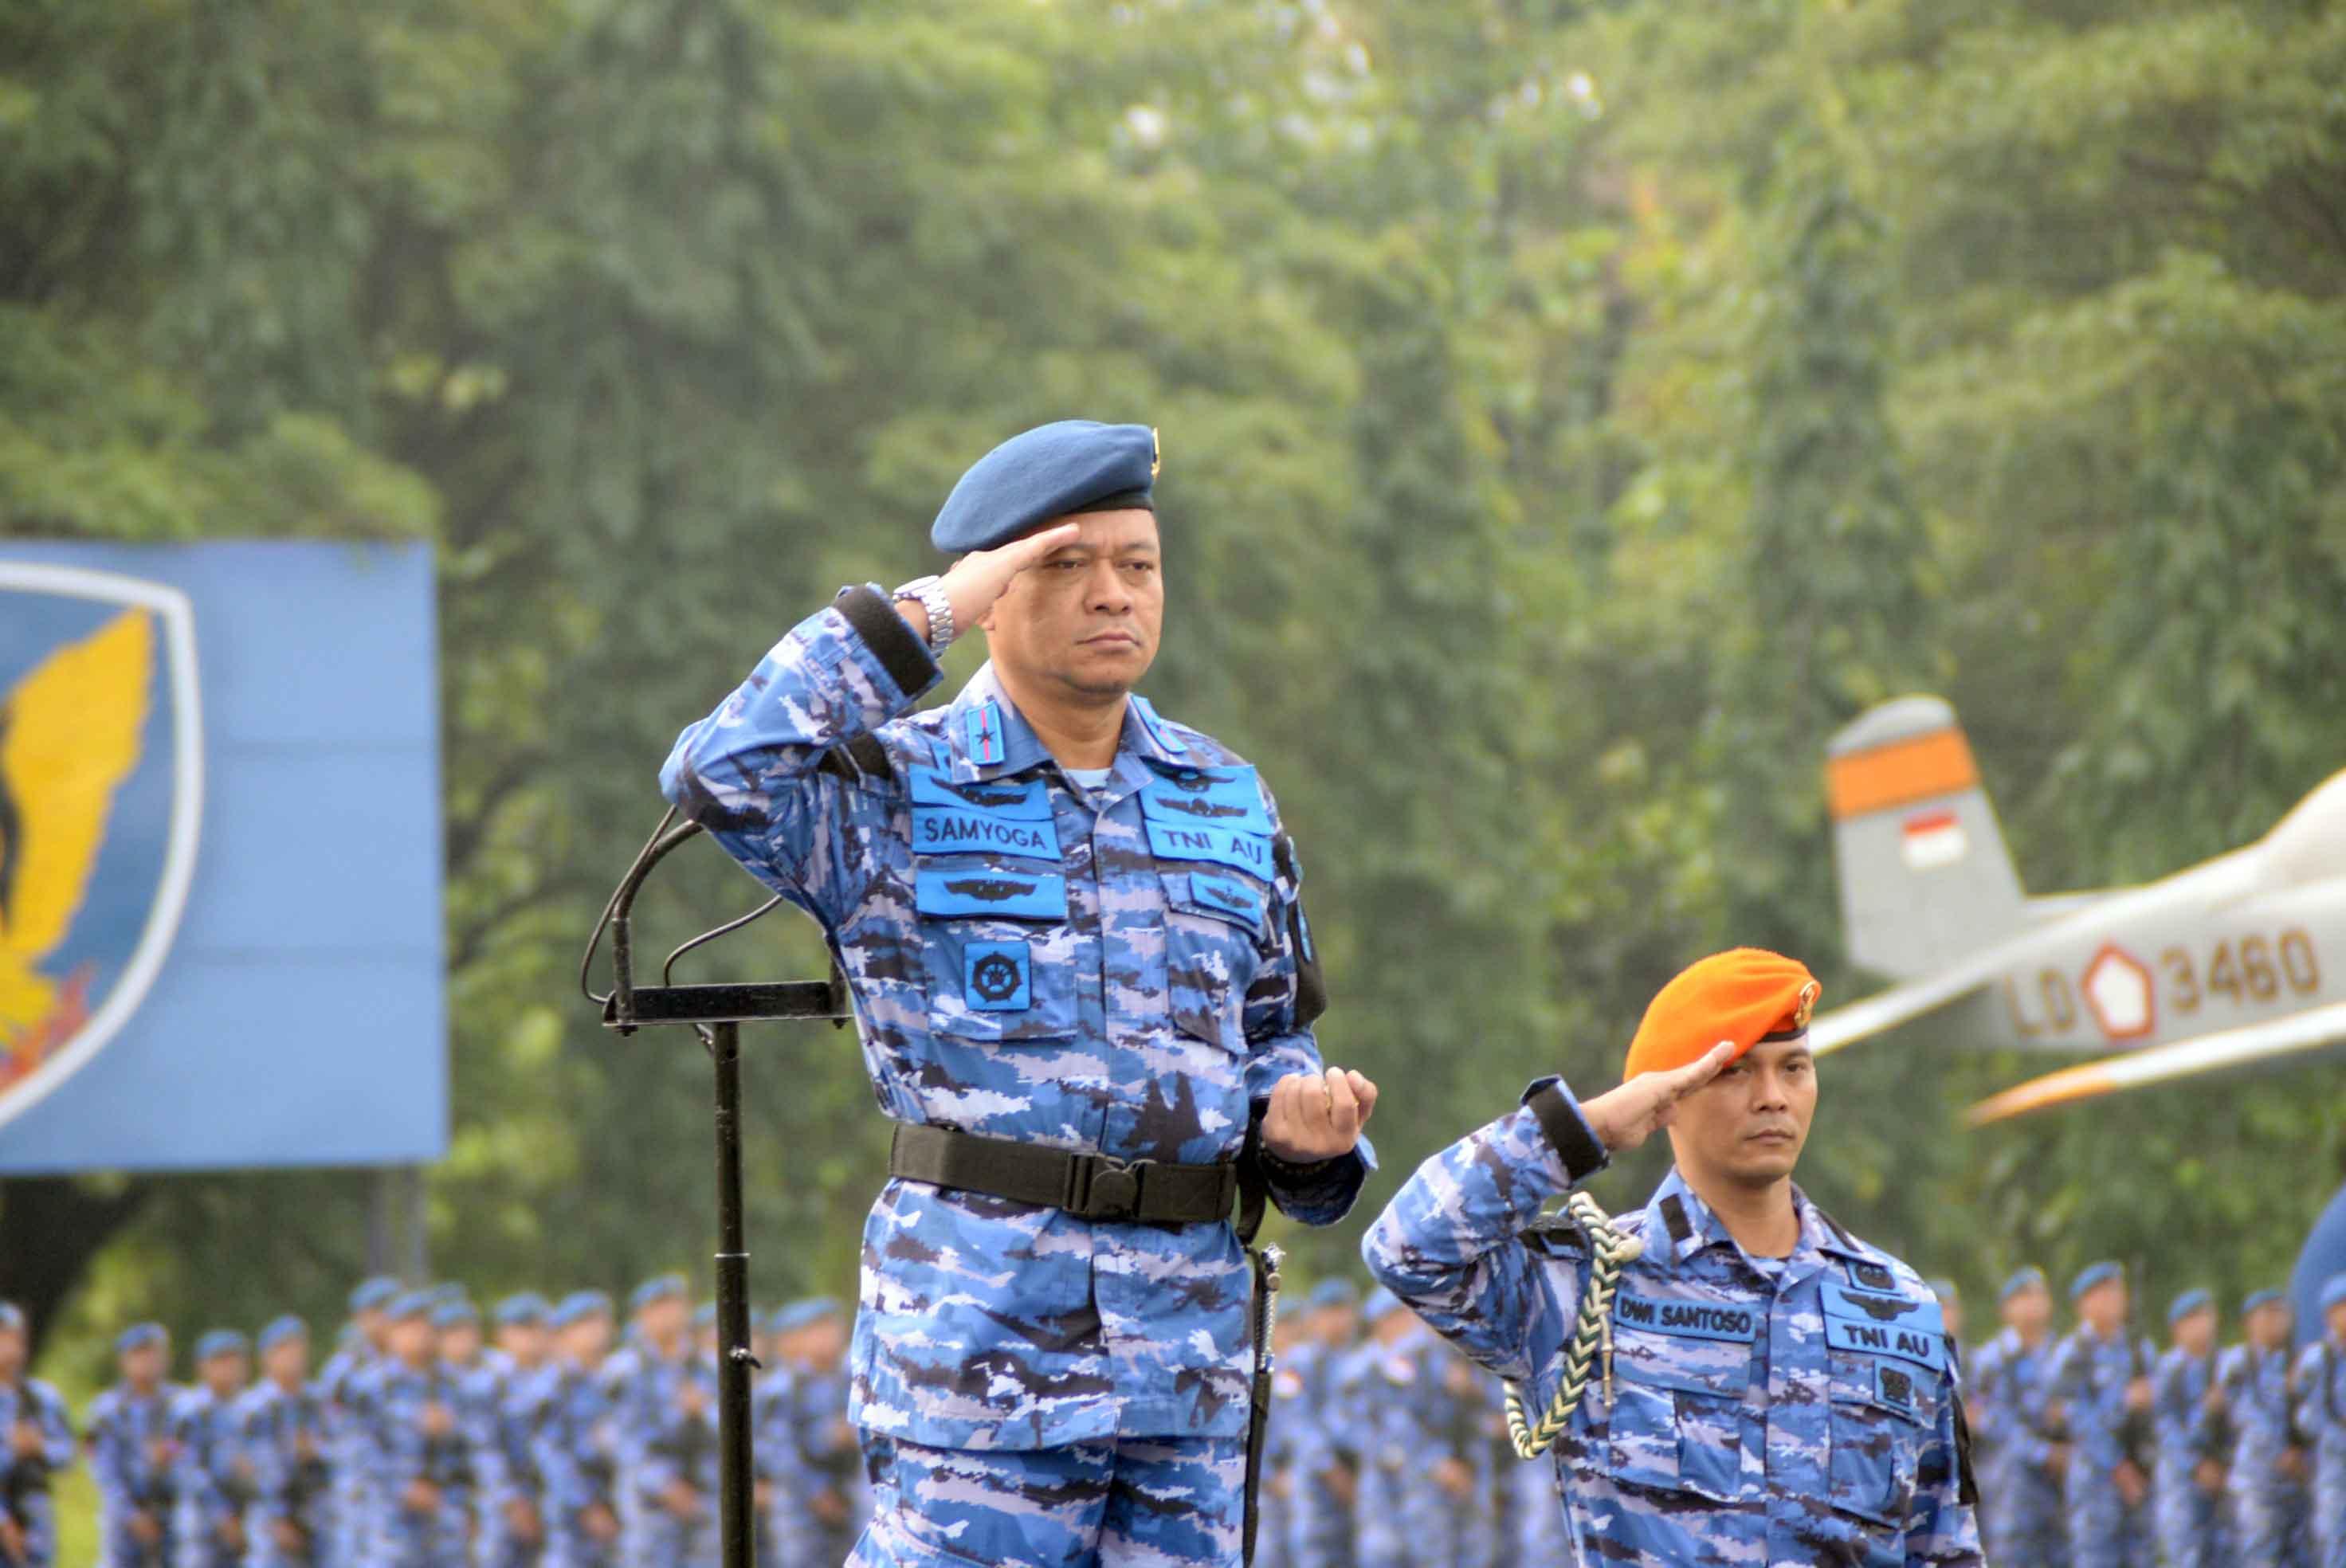 Panglima TNI, Waspadai Ancaman Asimetris, Proksi dan Hibrida